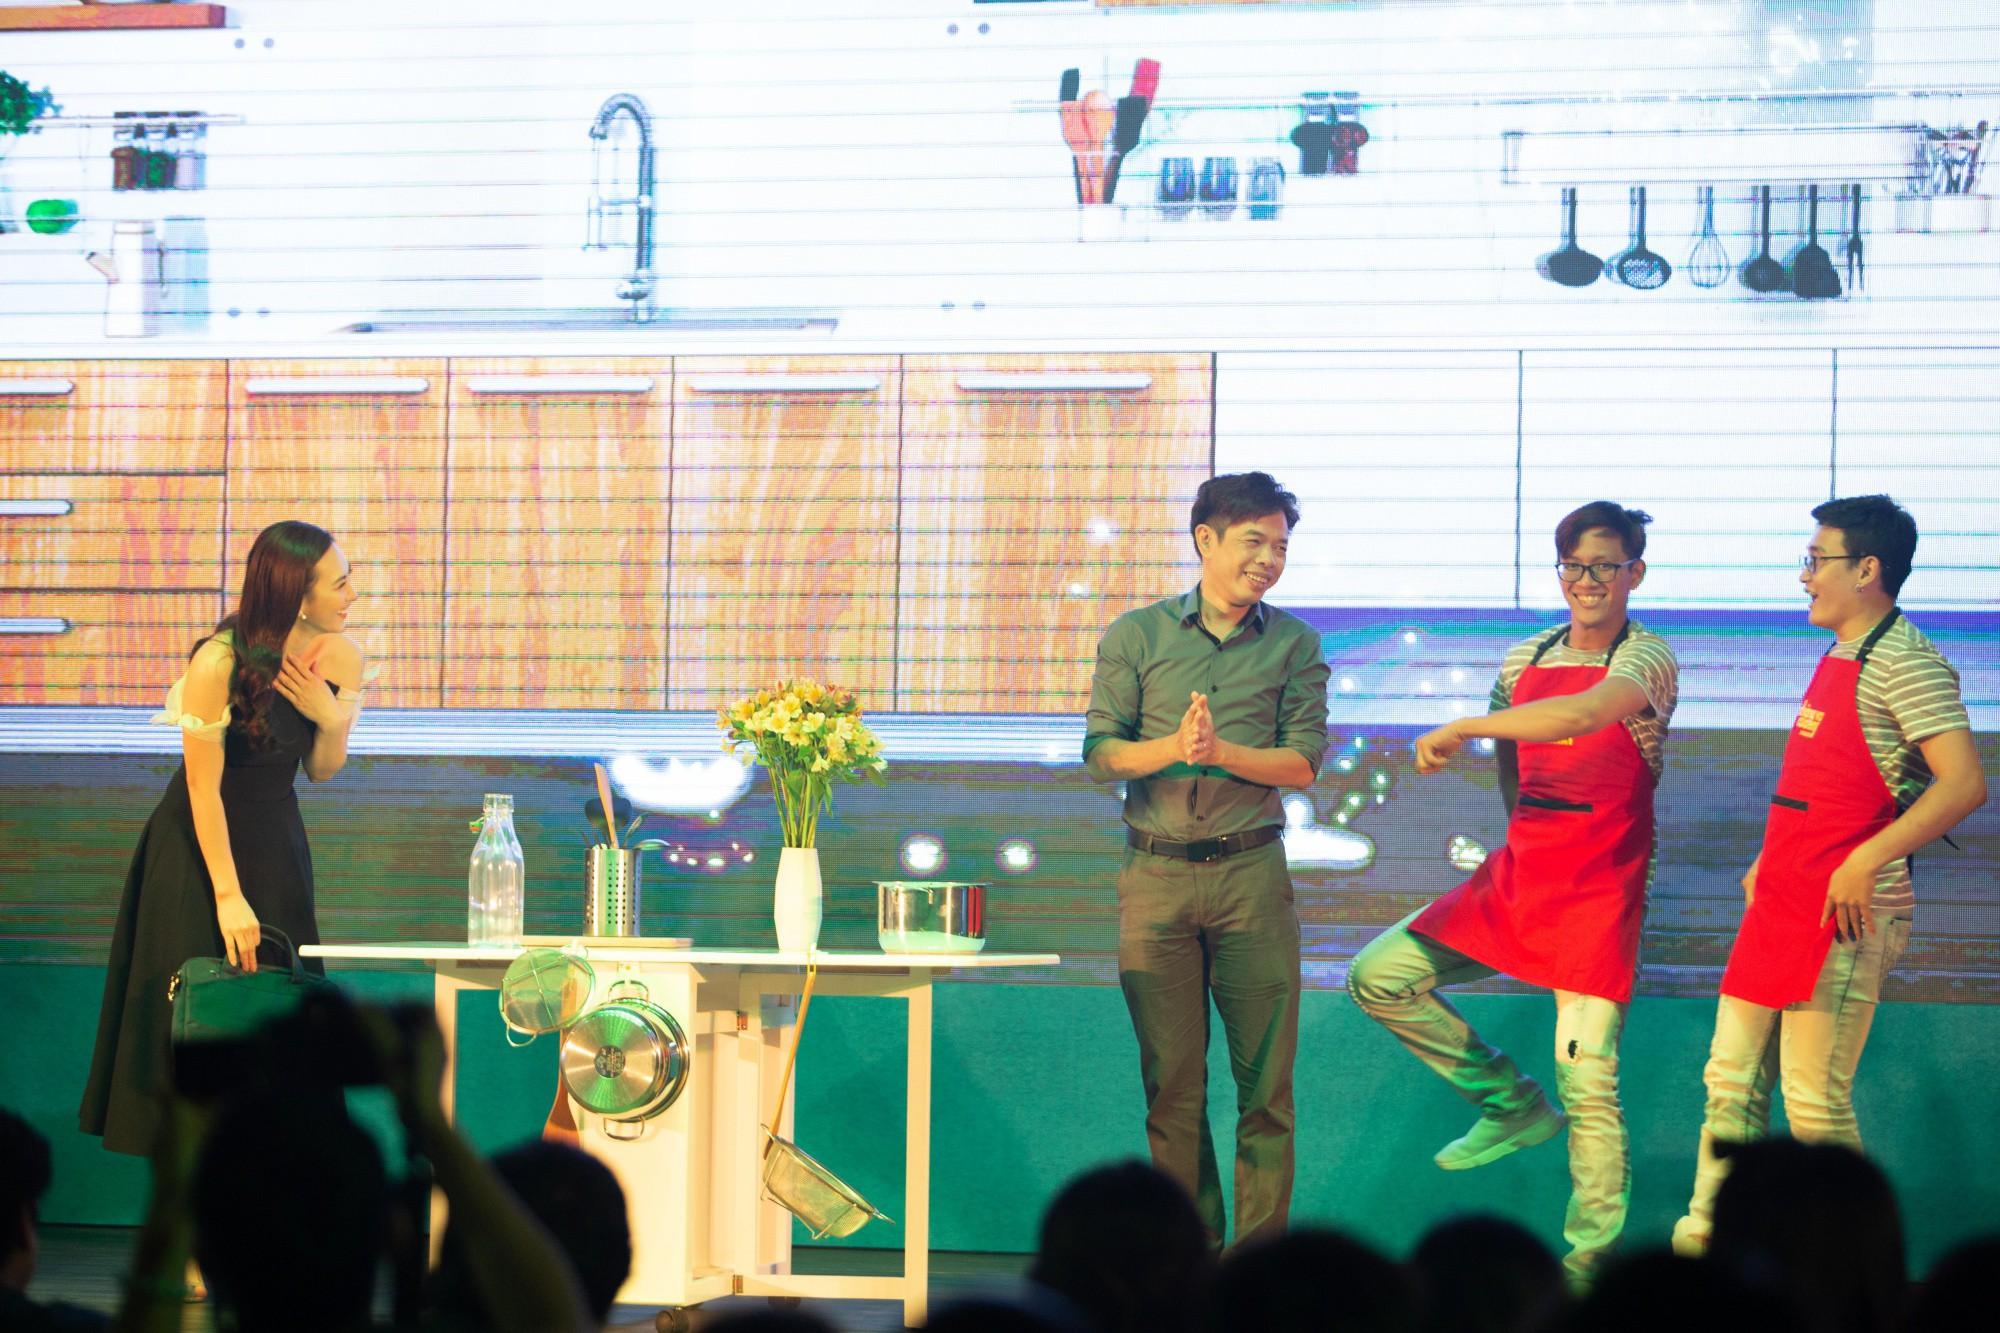 Thái Hòa gây cười không ngớt khi kể chuyện đã khỏa thân hơn 1 ngày trước đám đông  - Ảnh 7.